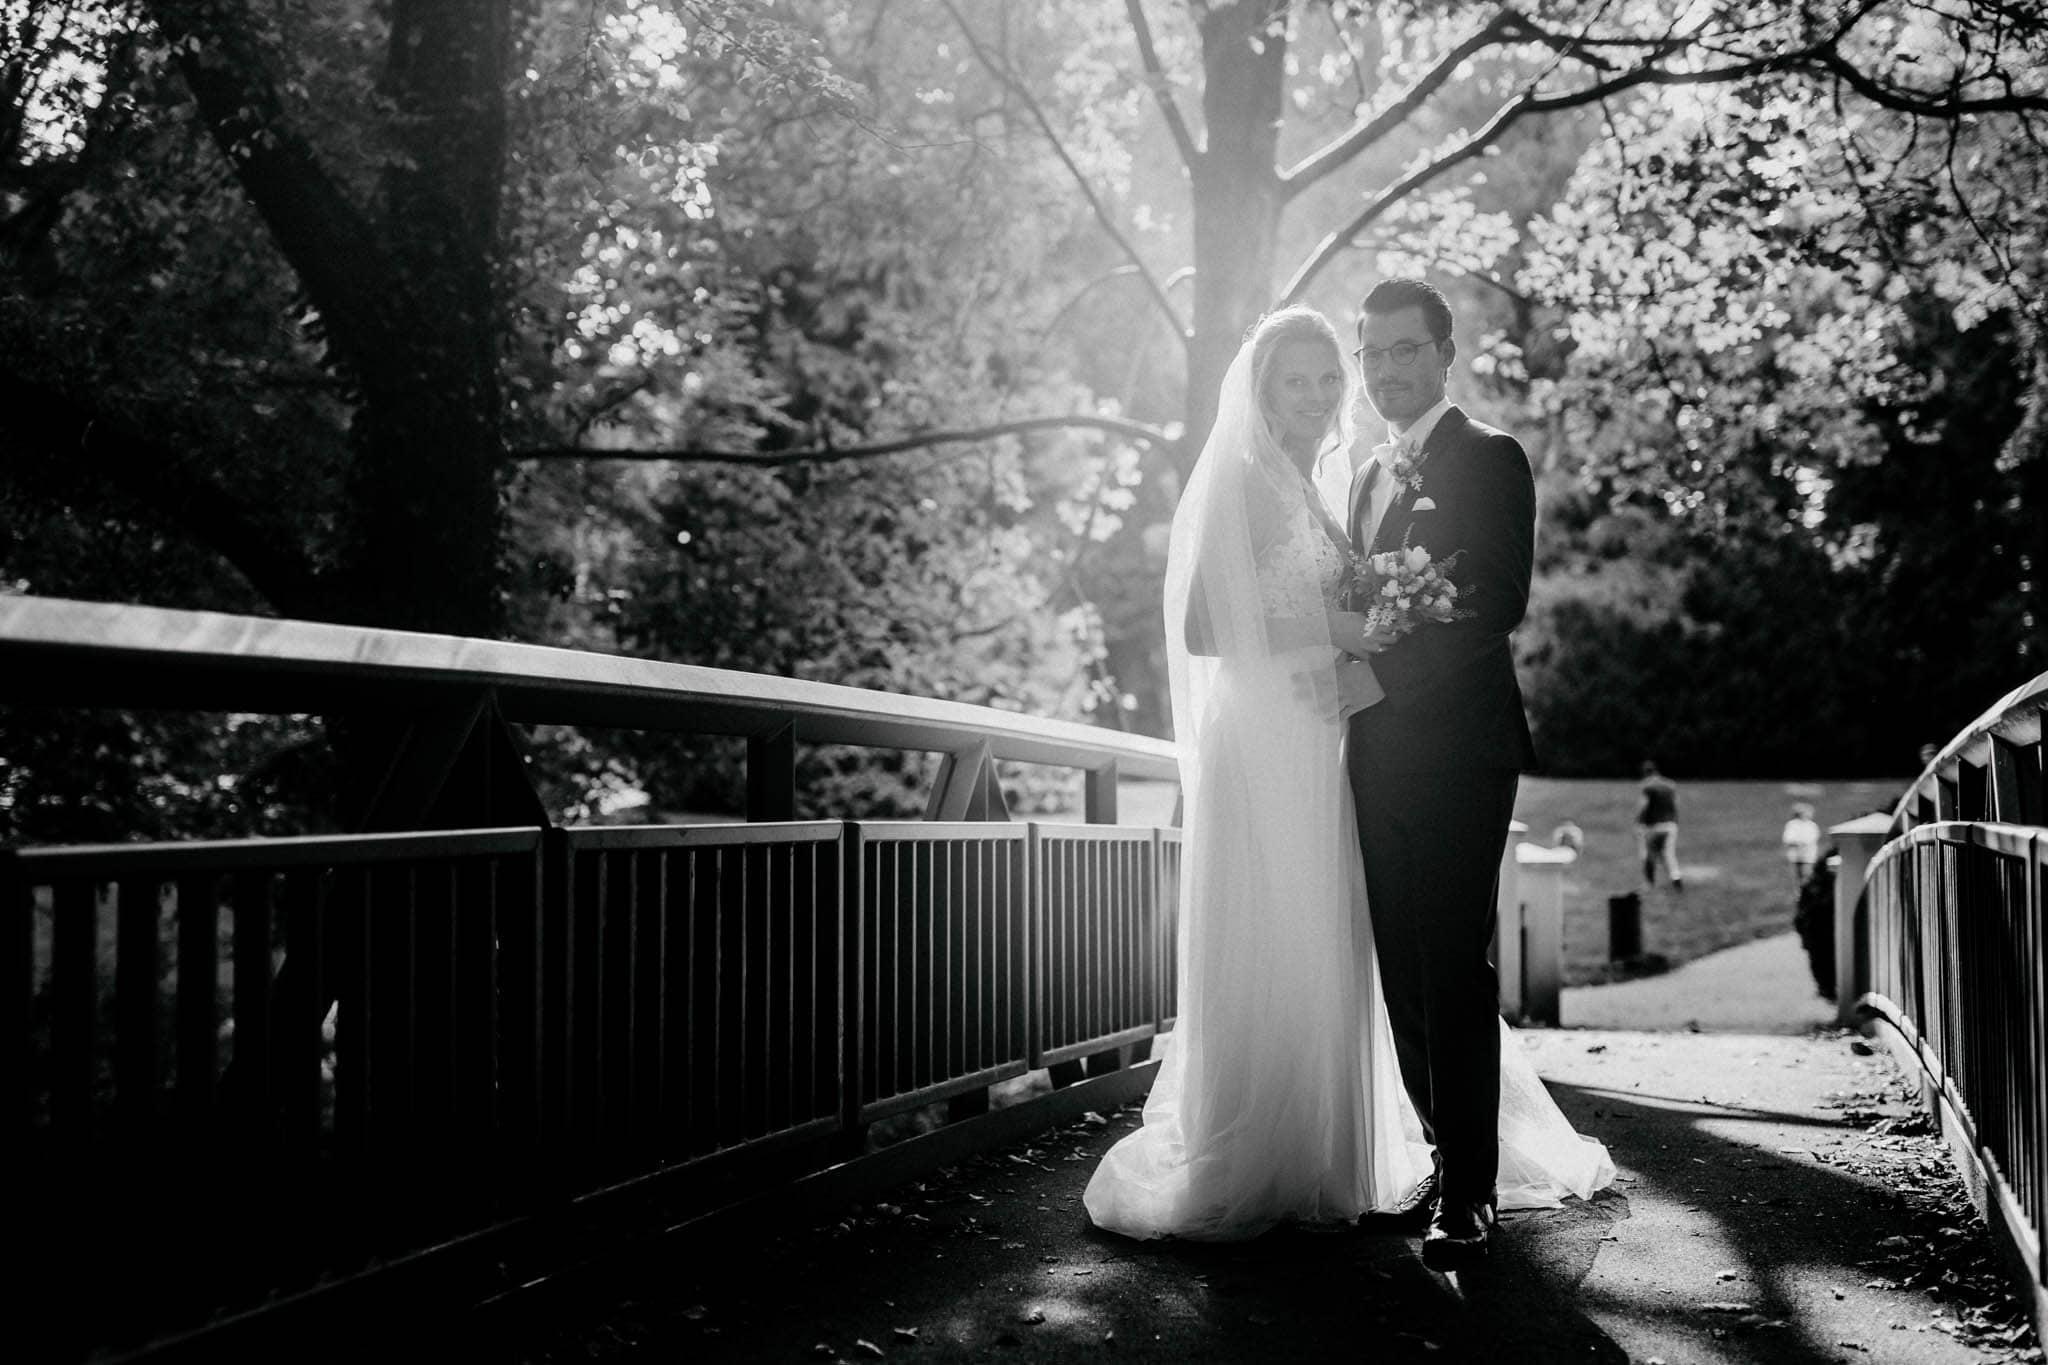 Hochzeitsfieber by Photo-Schomburg, Hochzeitsfotograf, Hamburg, Bremen, Hochzeitstag, Hochzeitspaar, Braut, Bräutigam, Bremen-Kränholm,Knoops Park-165